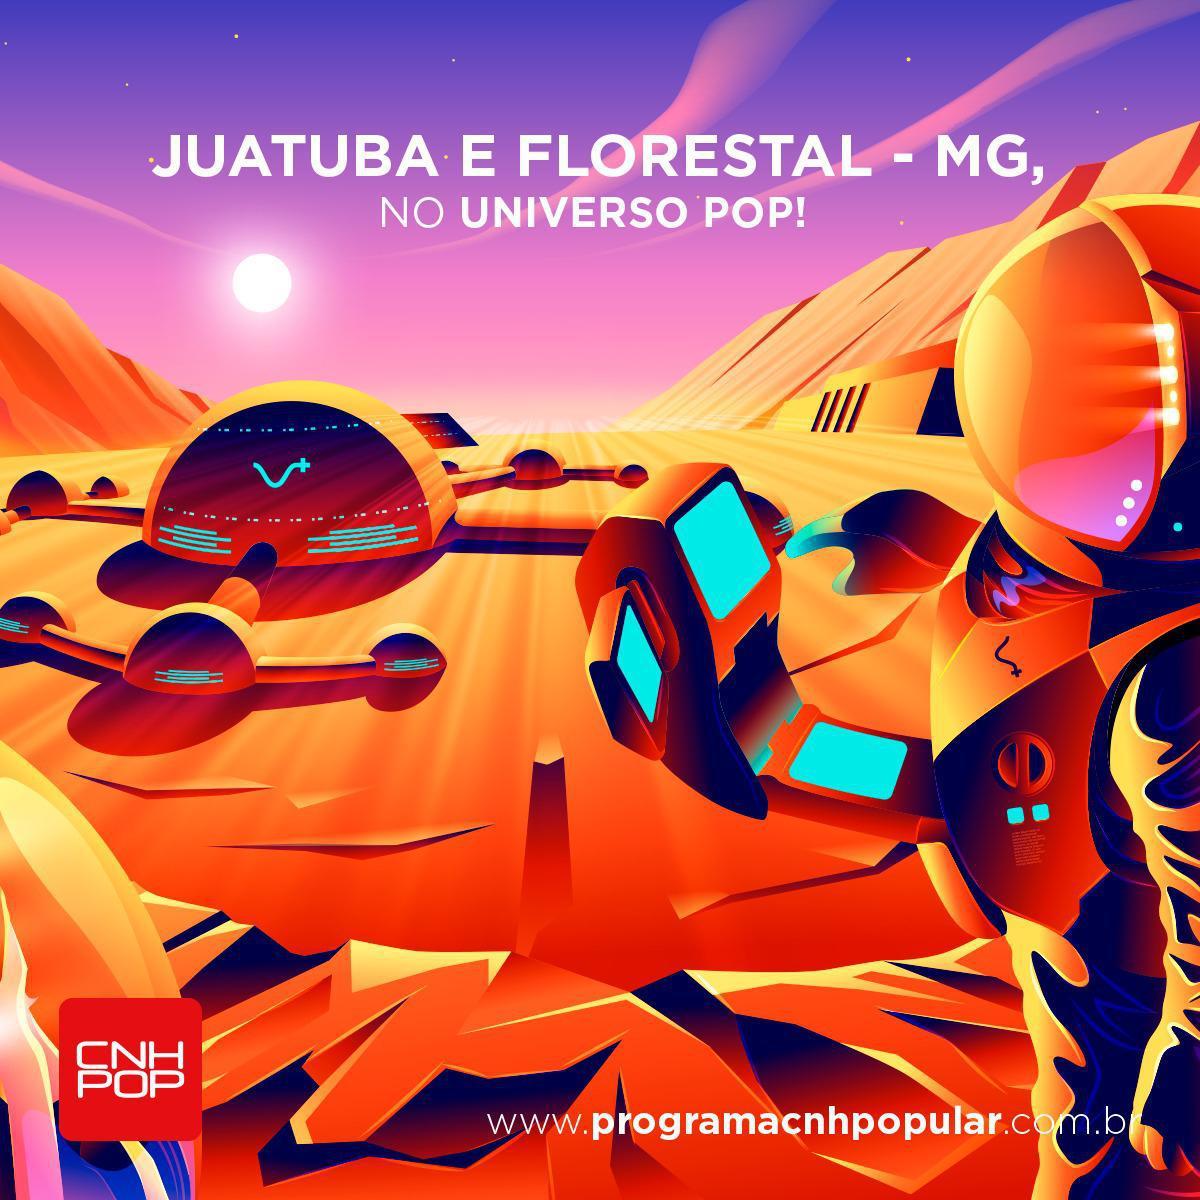 JUATUBA E FLORESTAL, BEM-VINDOS AO UNIVERSO POP!